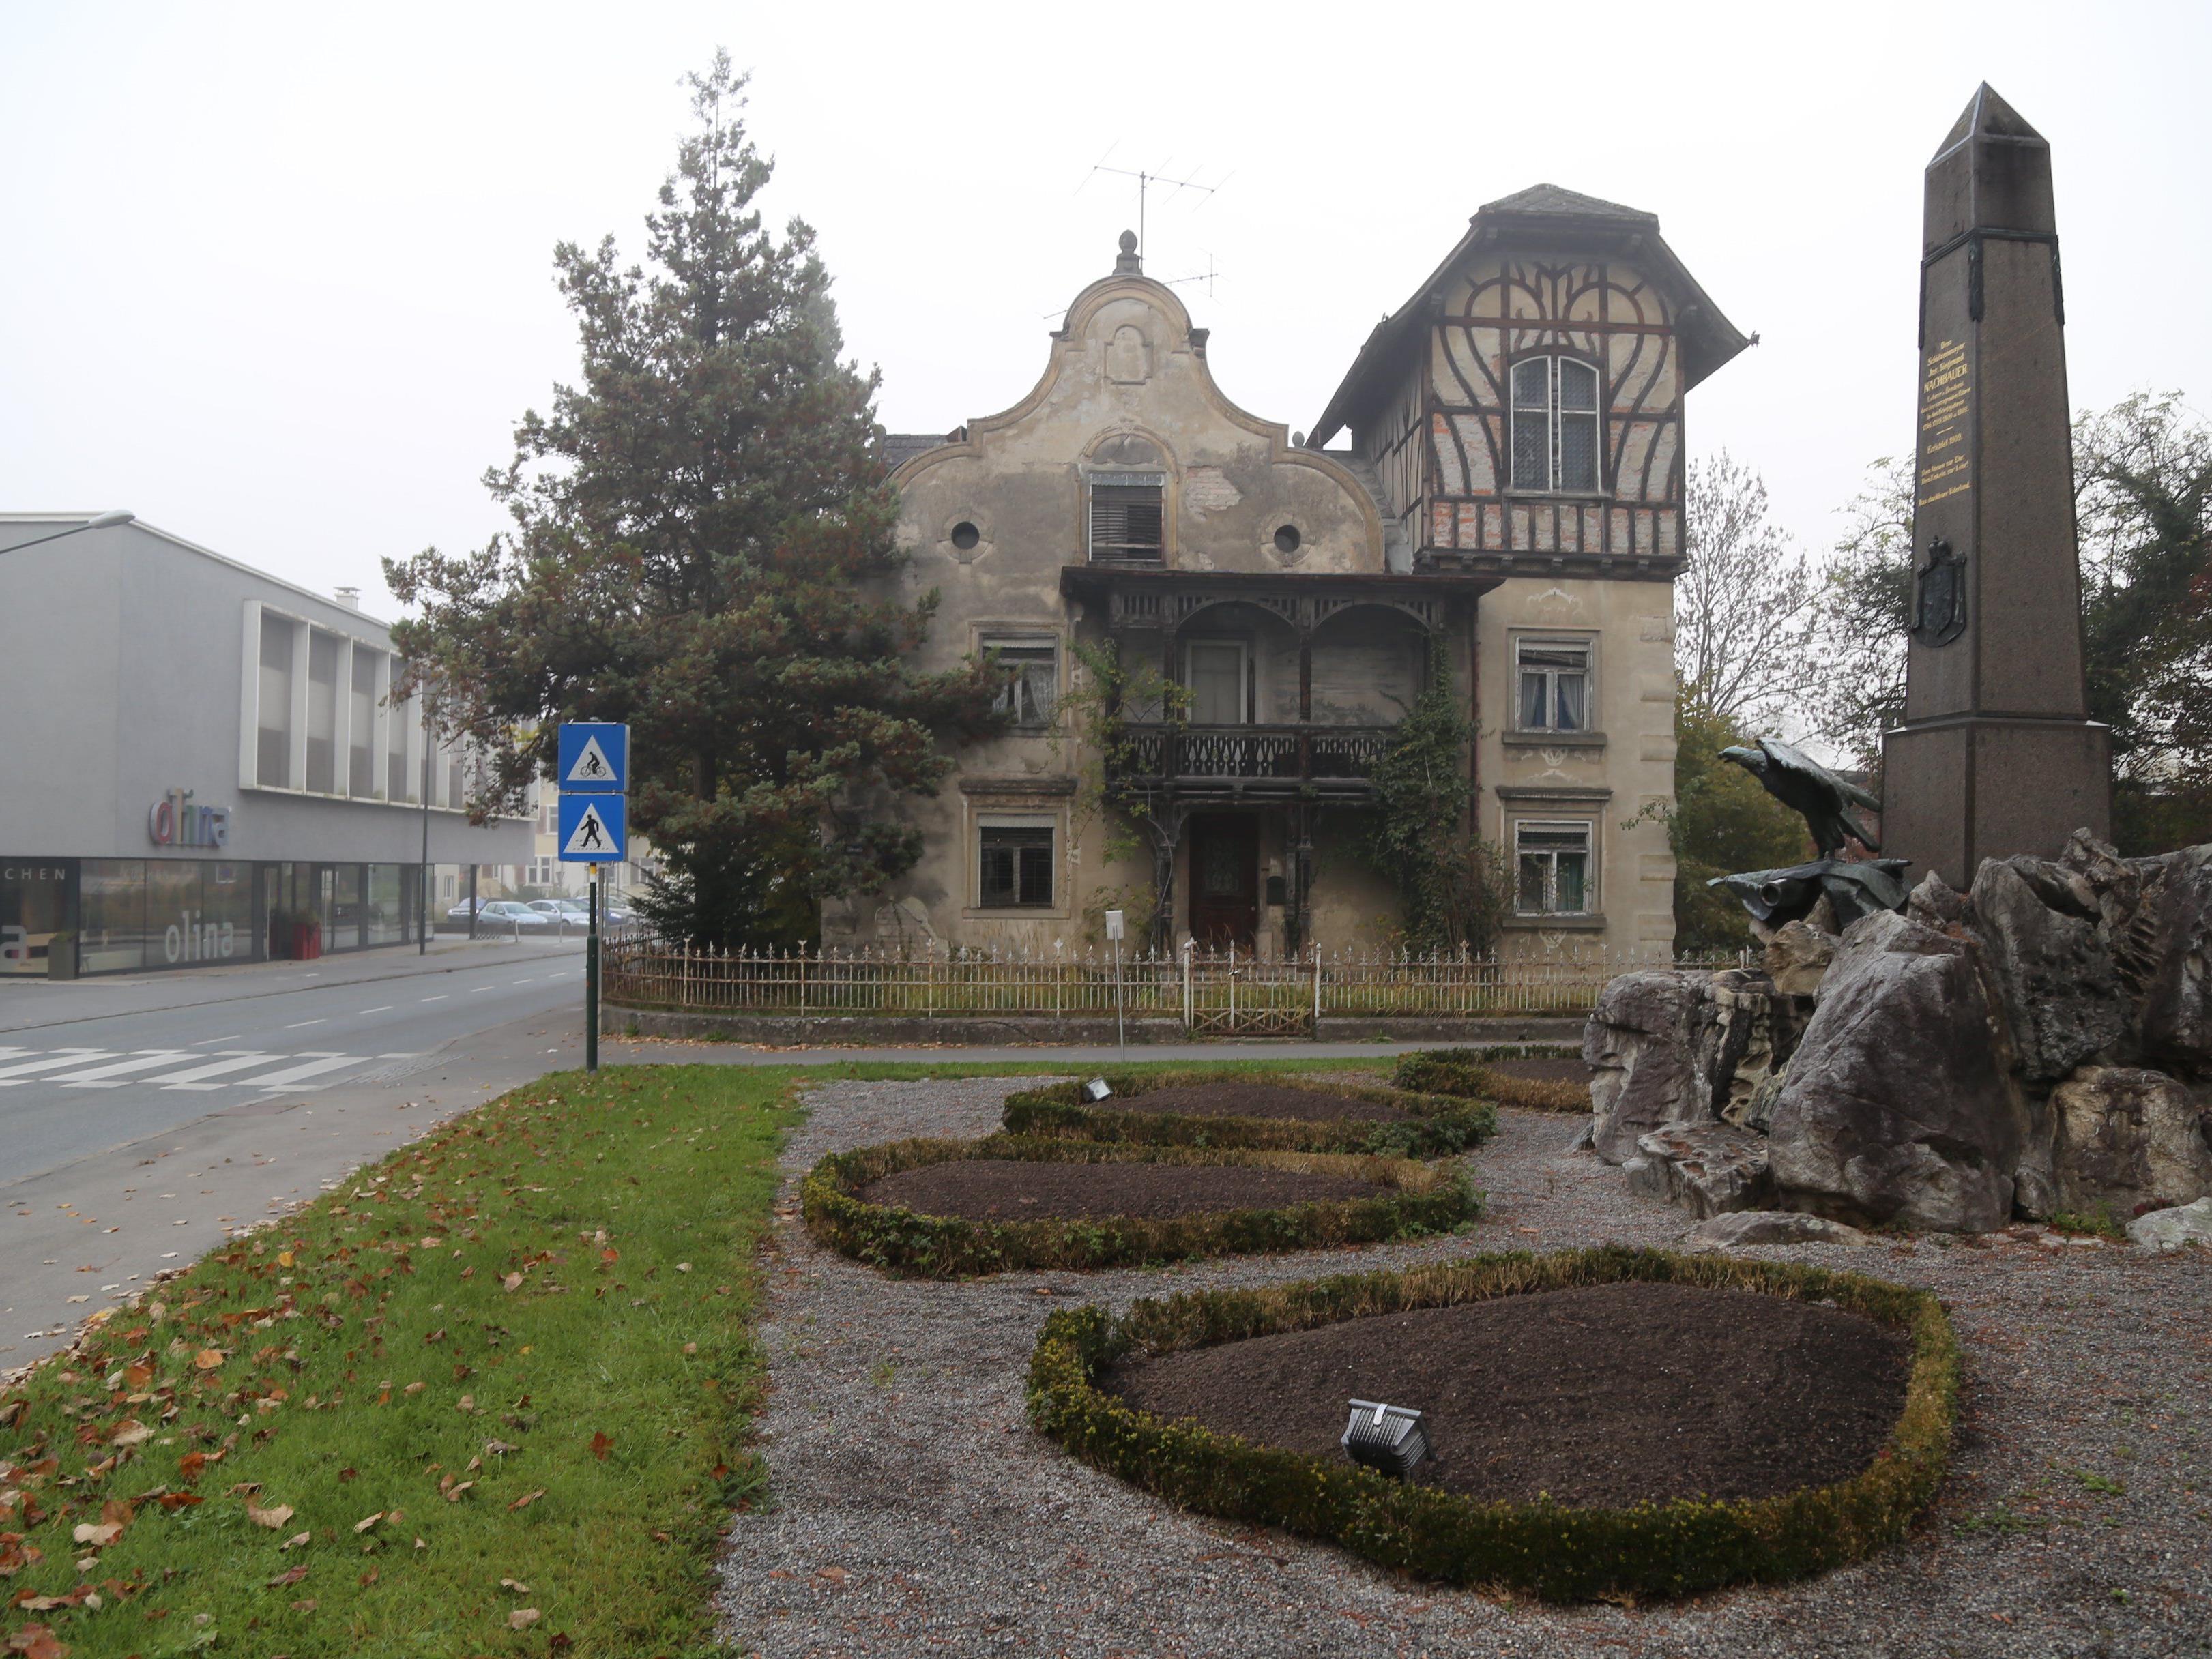 Die Häusle-Villa verfällt zunehmend - so die Kritik im Bürgerforum.